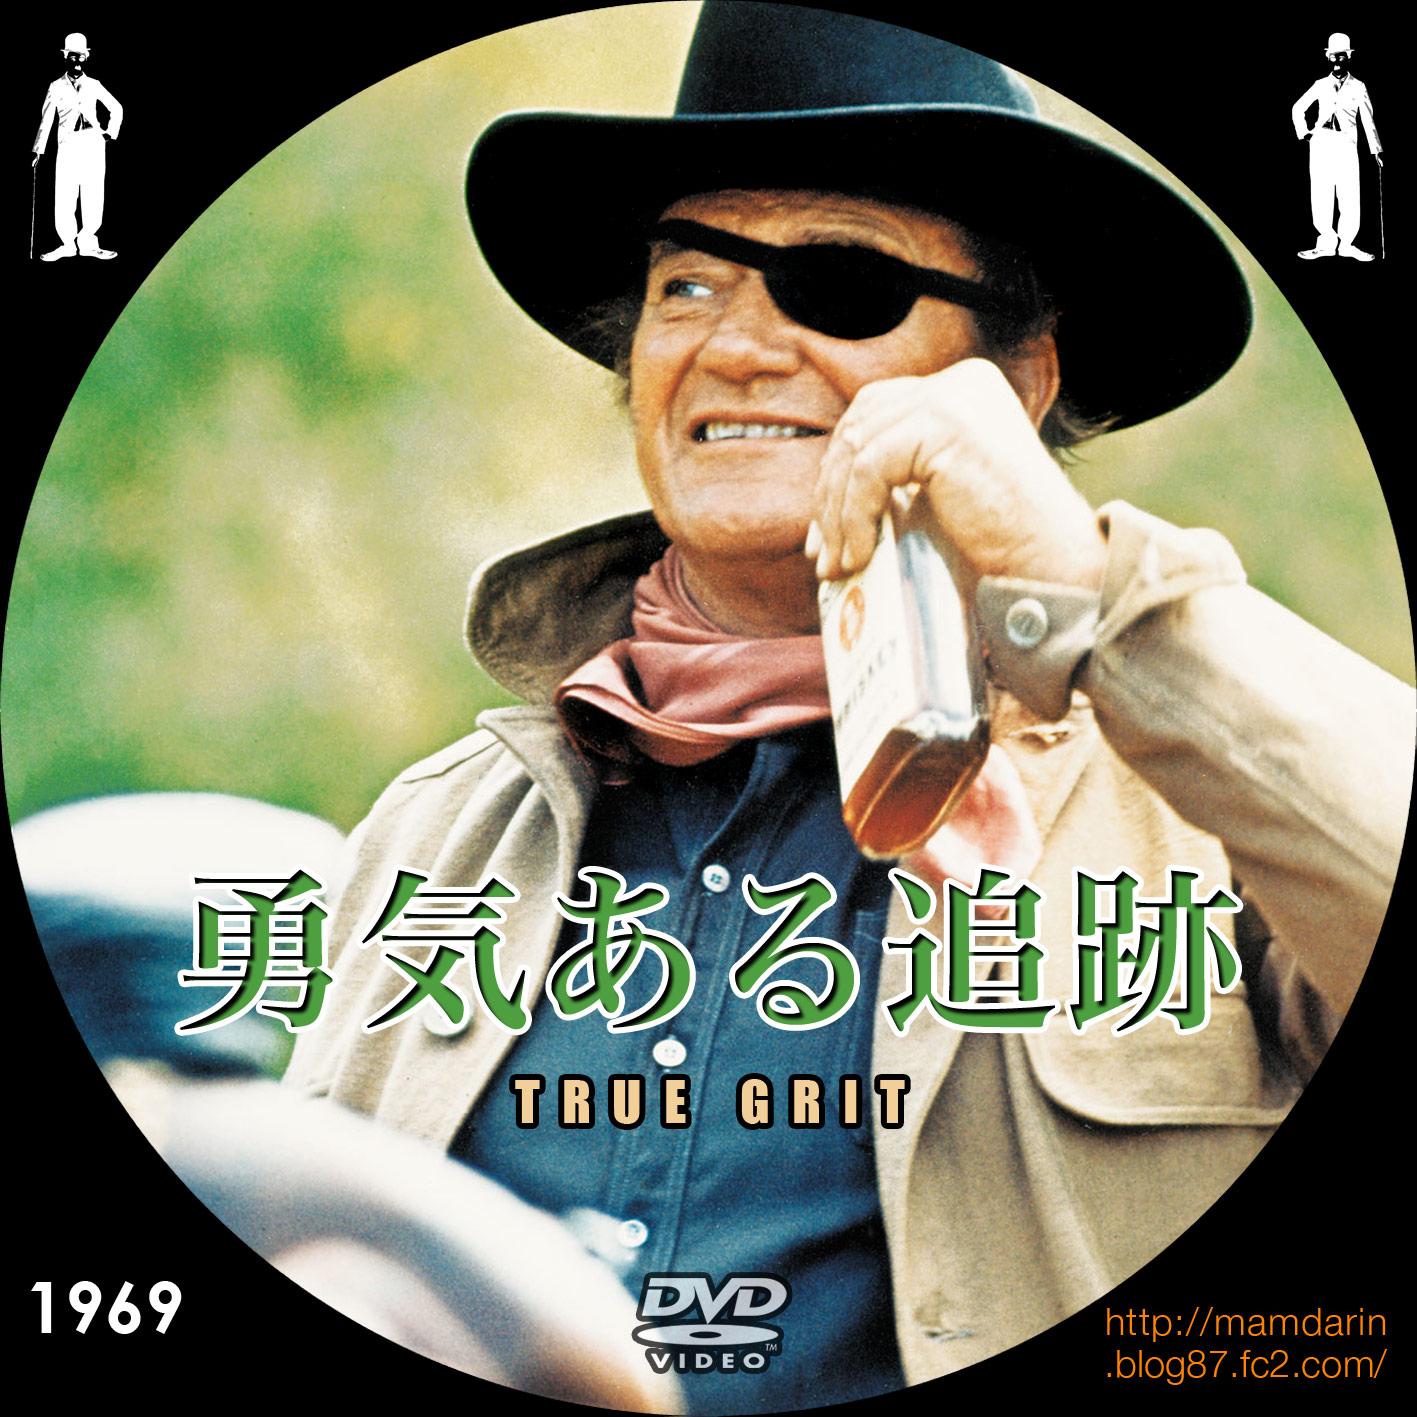 勇気ある追跡」 True Grit(1969) - 美しき女たち男たち